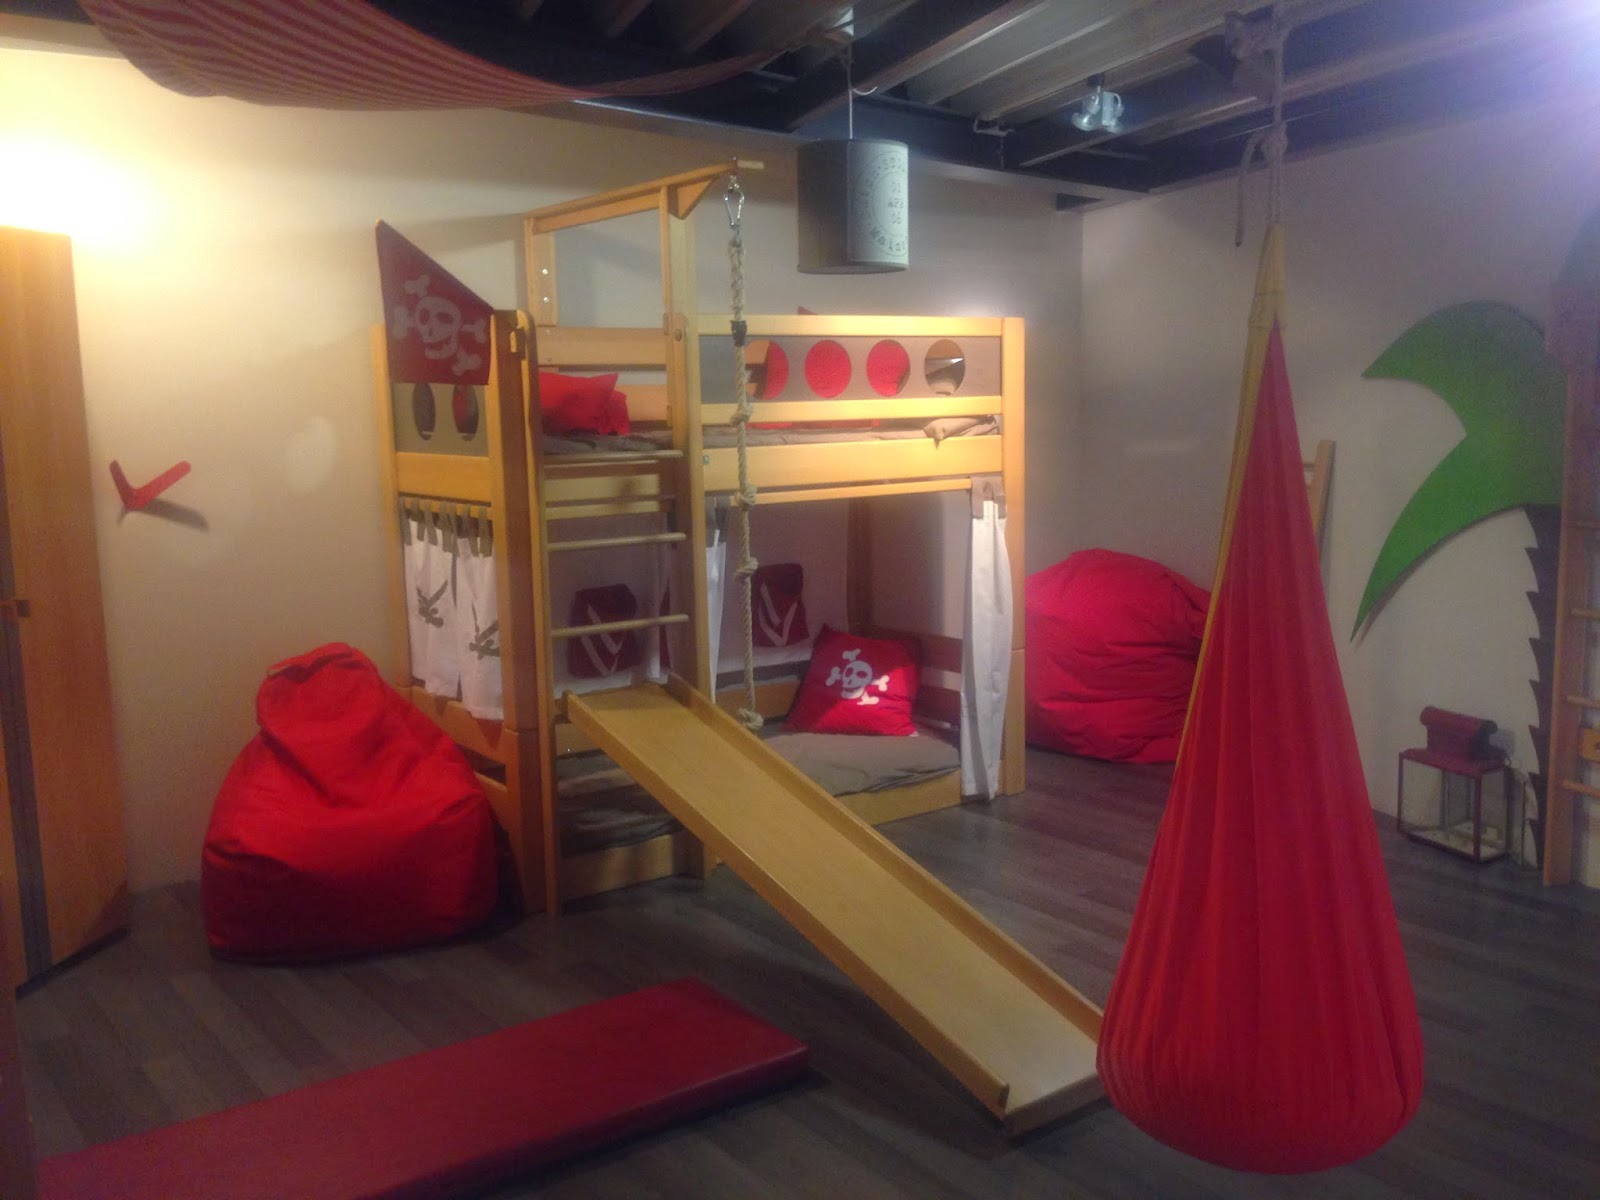 Faszinierend Möbelhaus Köln Referenz Von Die Möbel Bei De Breuyn Sind Alle